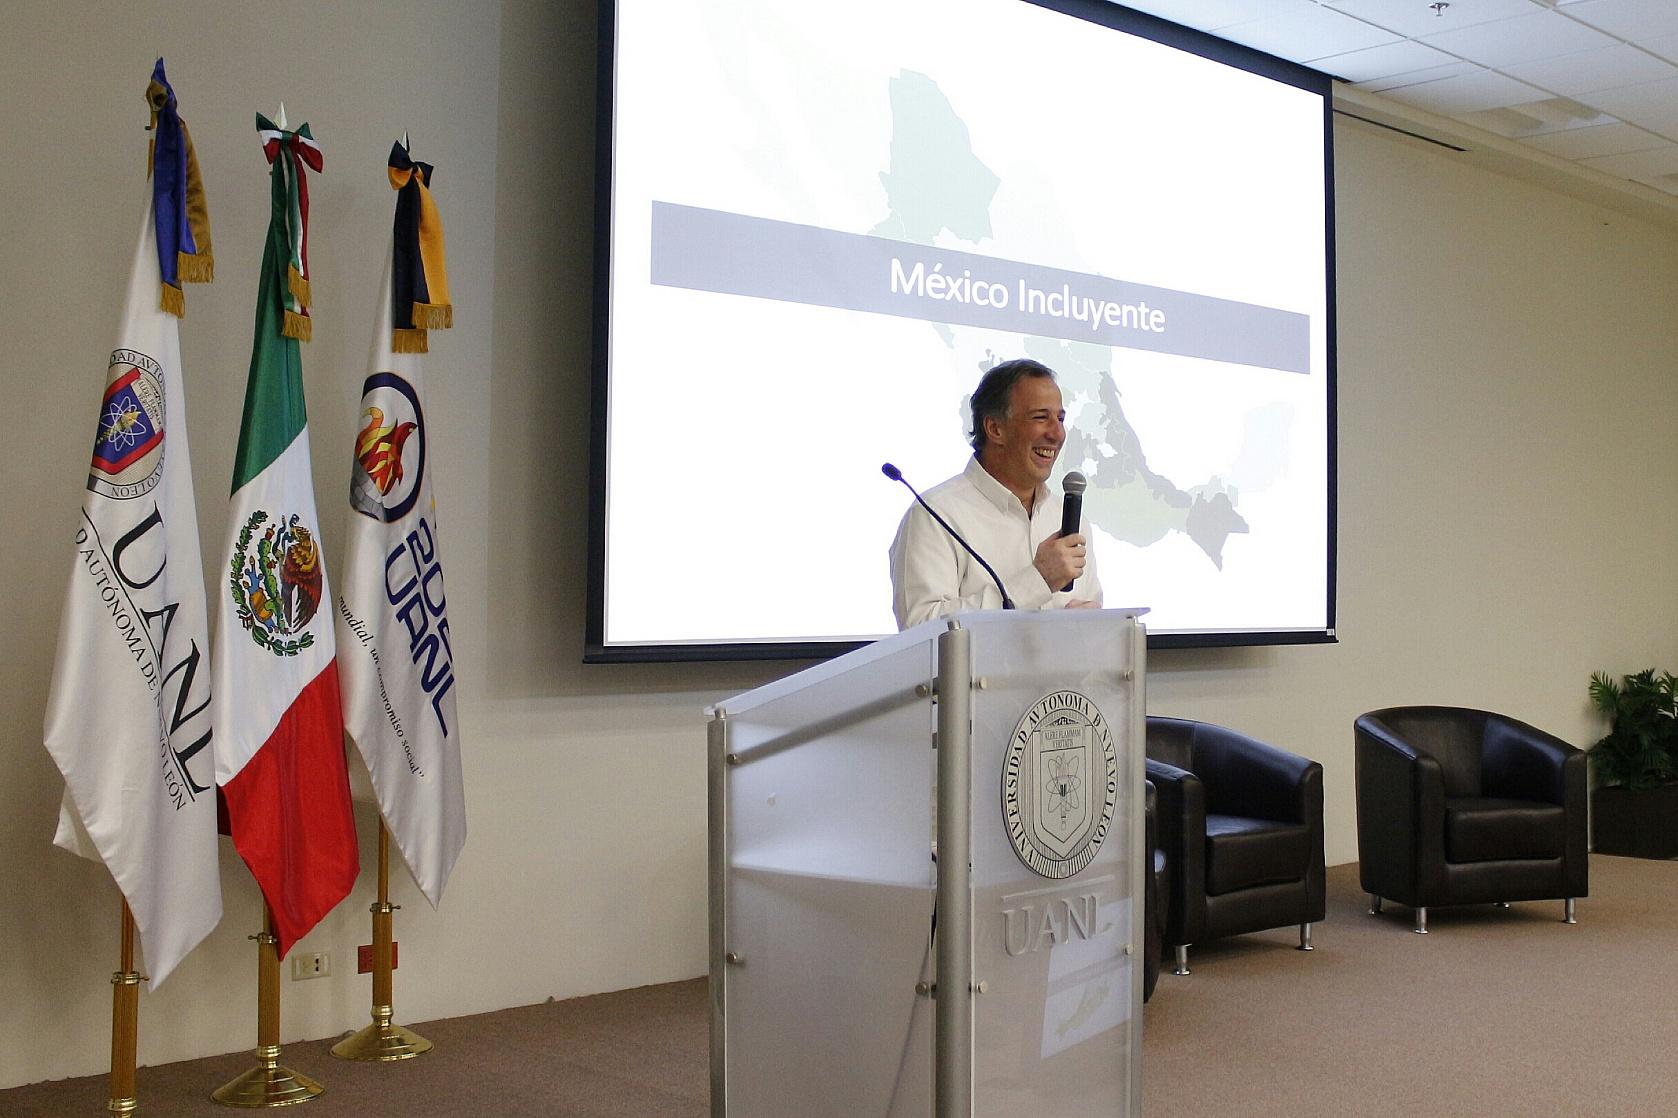 FOTO 2 El secretario Meade intercambi  puntos de vista con universitarios del Tec de Monterrey y de la Universidad Aut noma de Nuevo Le n.jpg